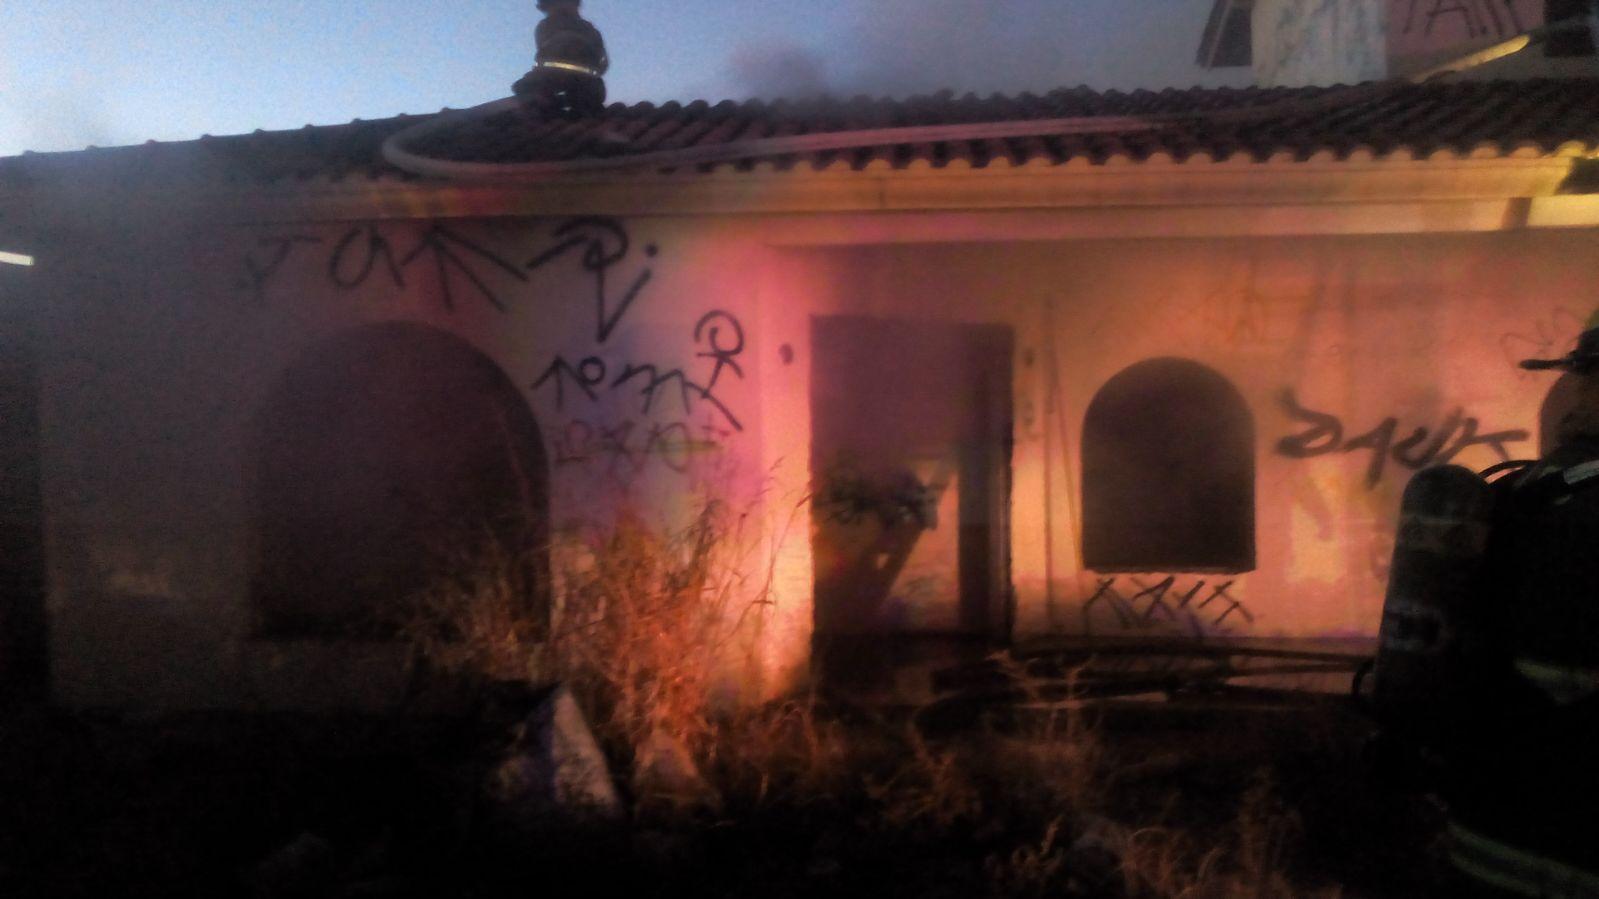 Malvivientes prenden fuego accidentalmente a vivienda